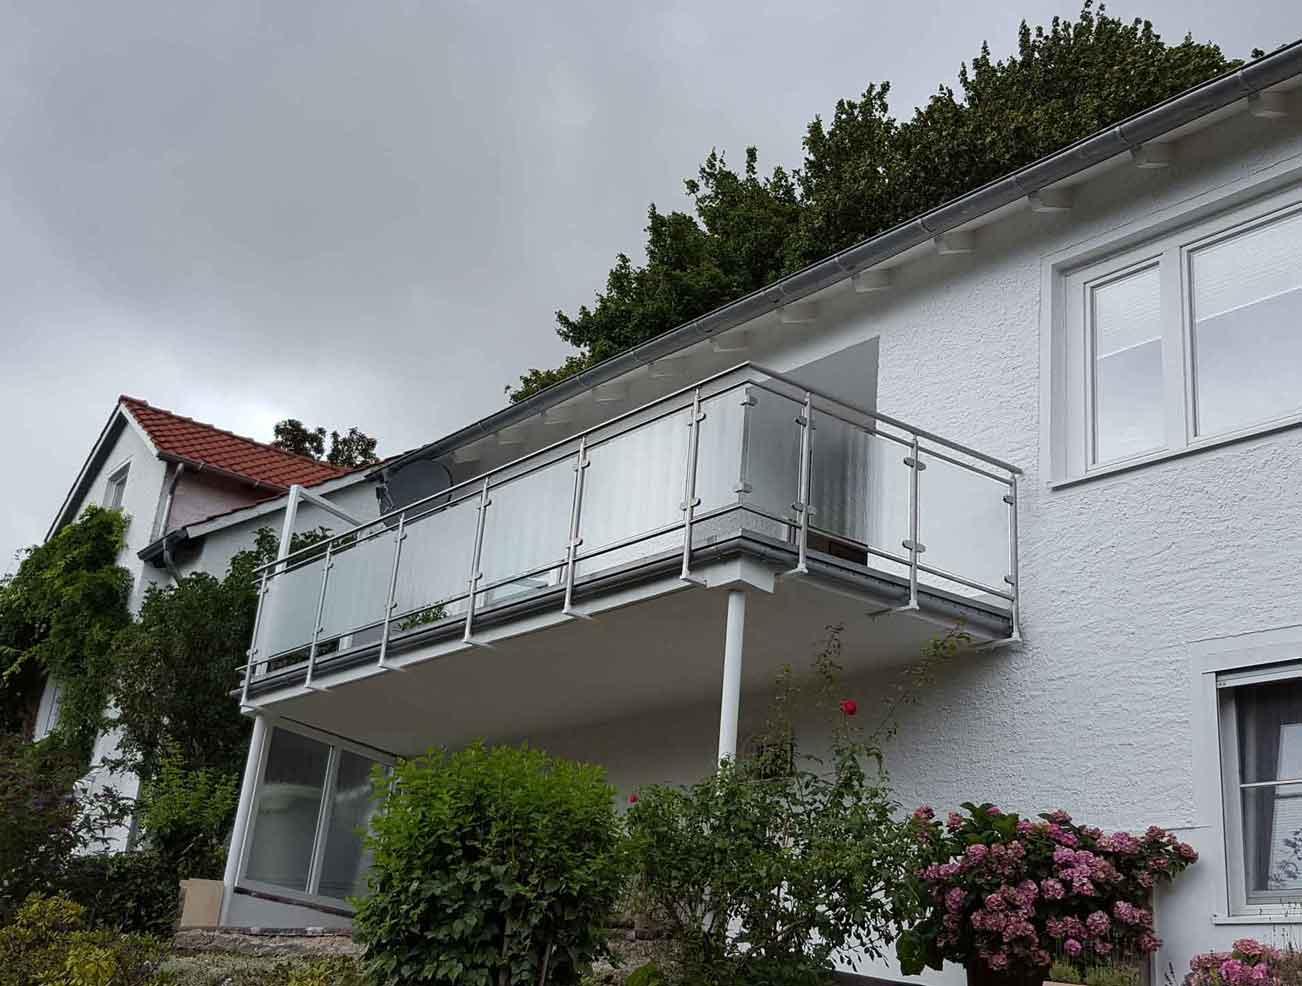 Hirsch Metallbau Balkongeländer 015 - Balkongeländer-15